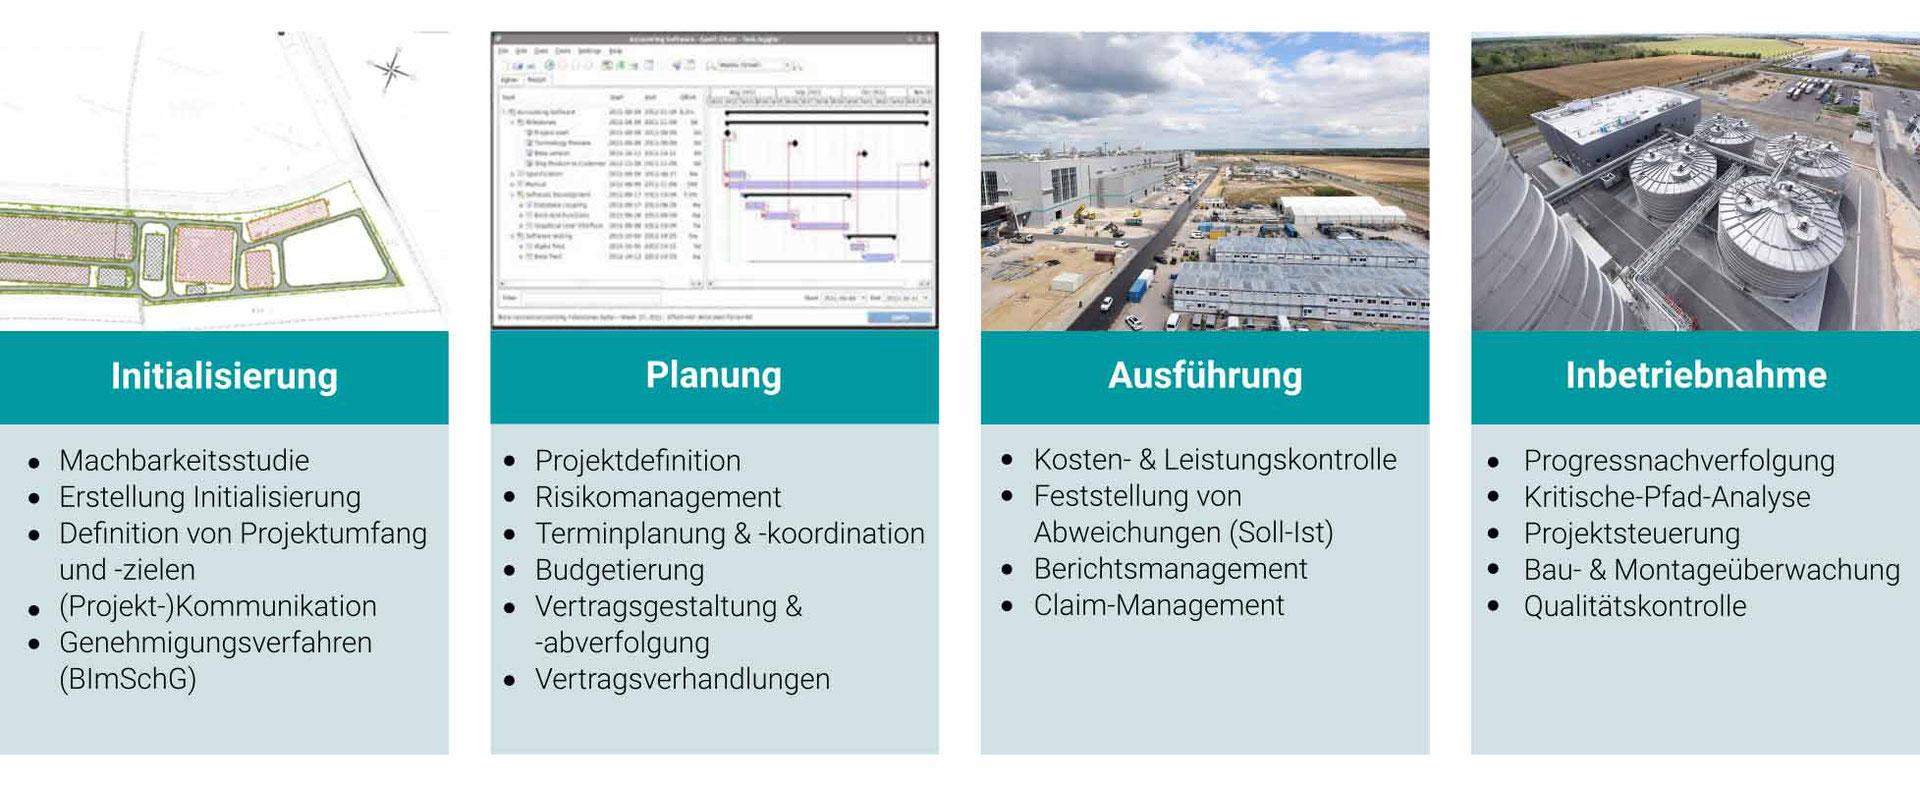 paXos Projektmanagement Bereiche: Initialisierung, Planung, Ausführung und Inbetriebnahme